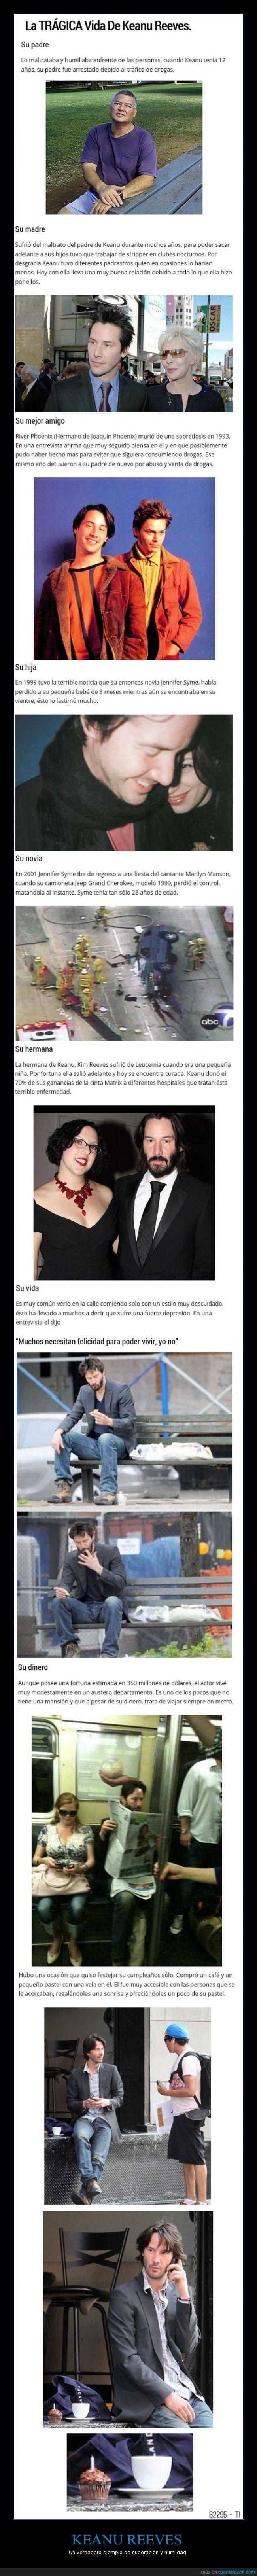 actor,depresión,es el Mujica de Hollywood,familia,humilde,Keanu Reeves,surte,vida,vida dura